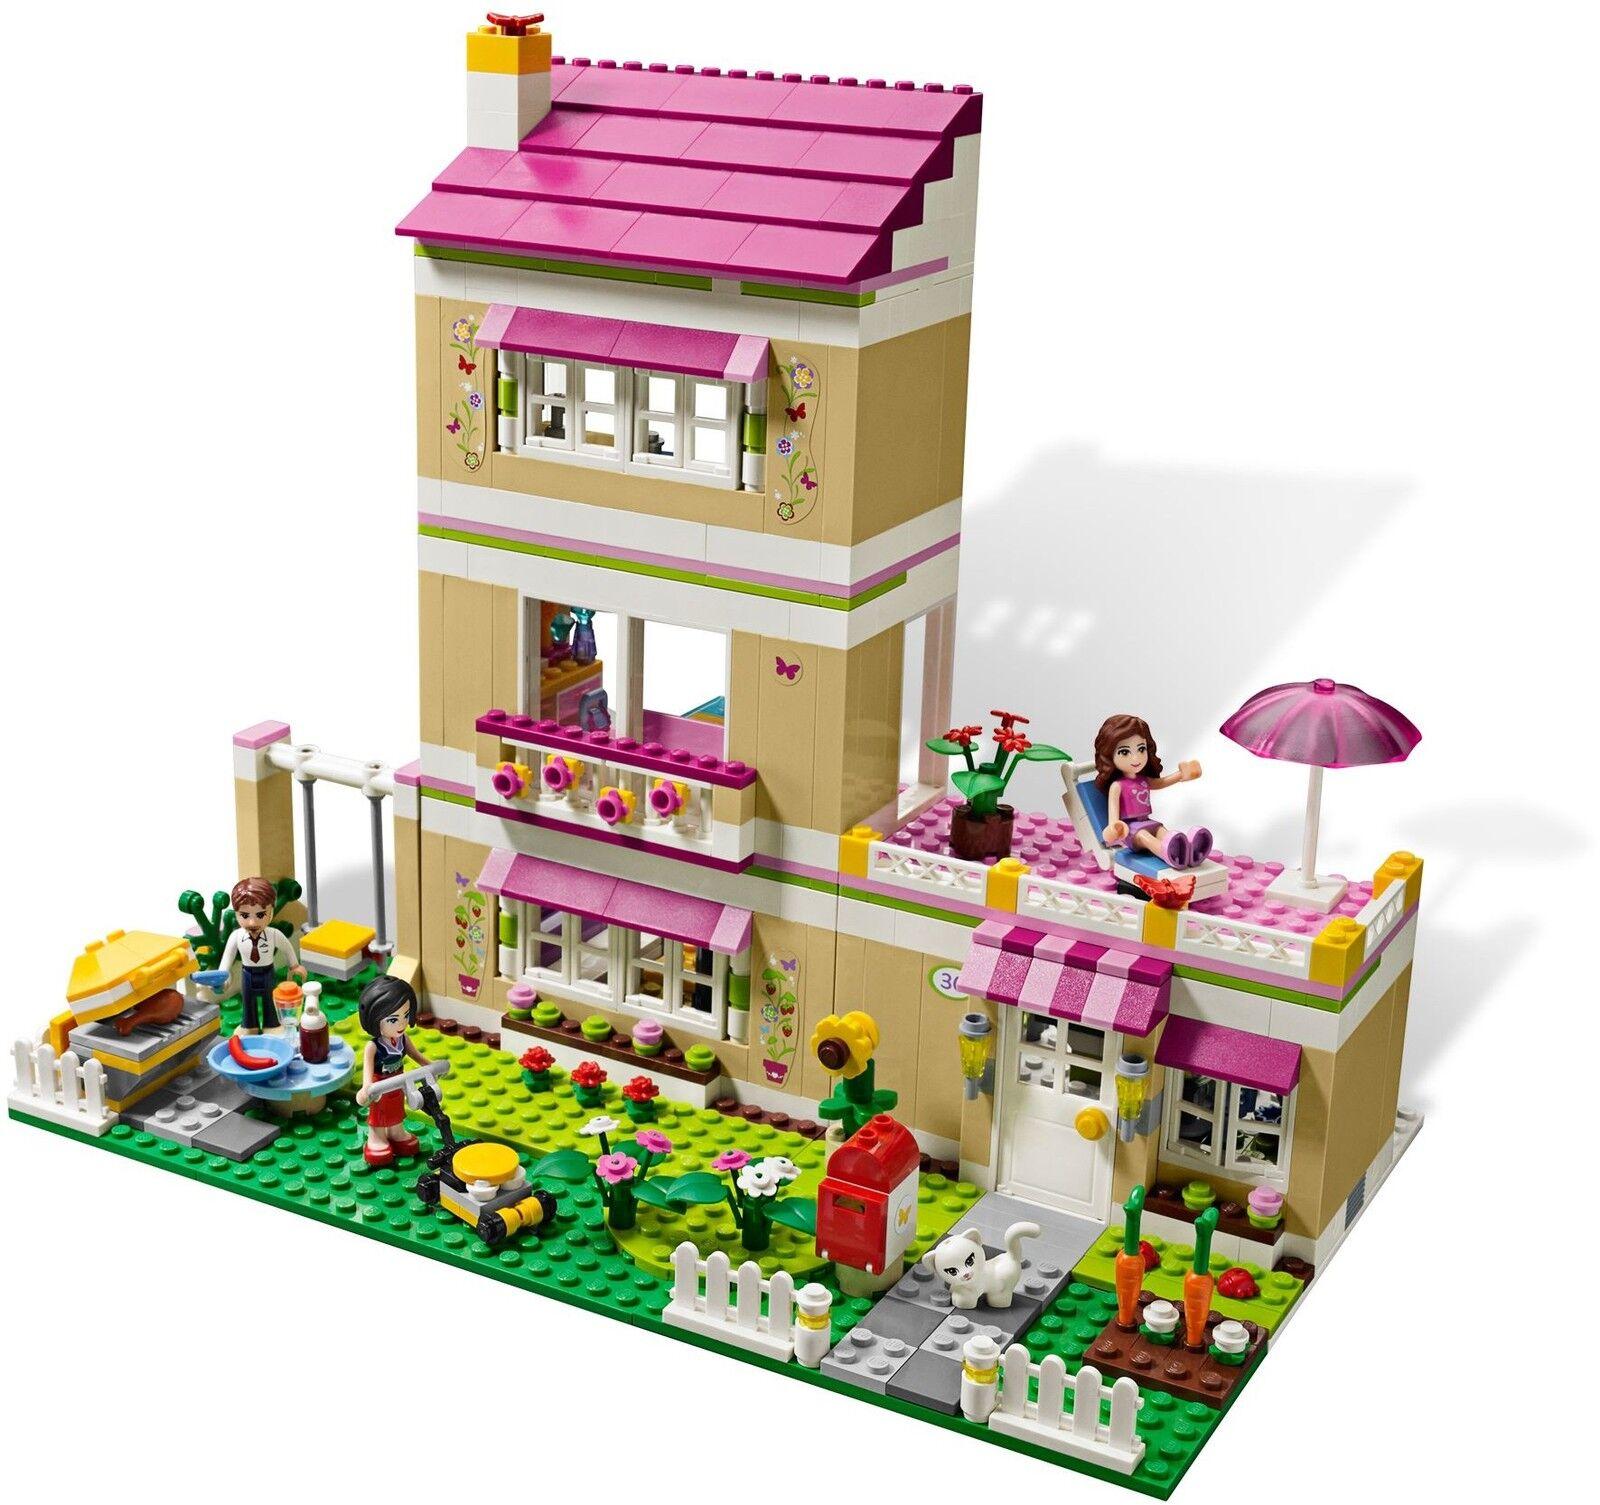 LEGO Friends Traumhaus (19)